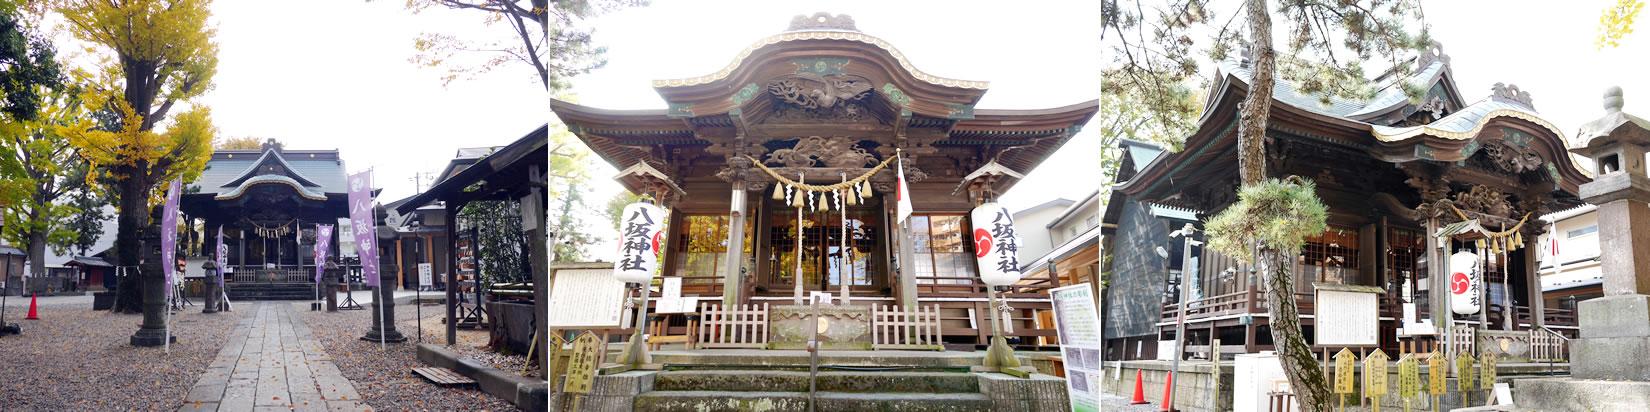 八坂神社の四季折々